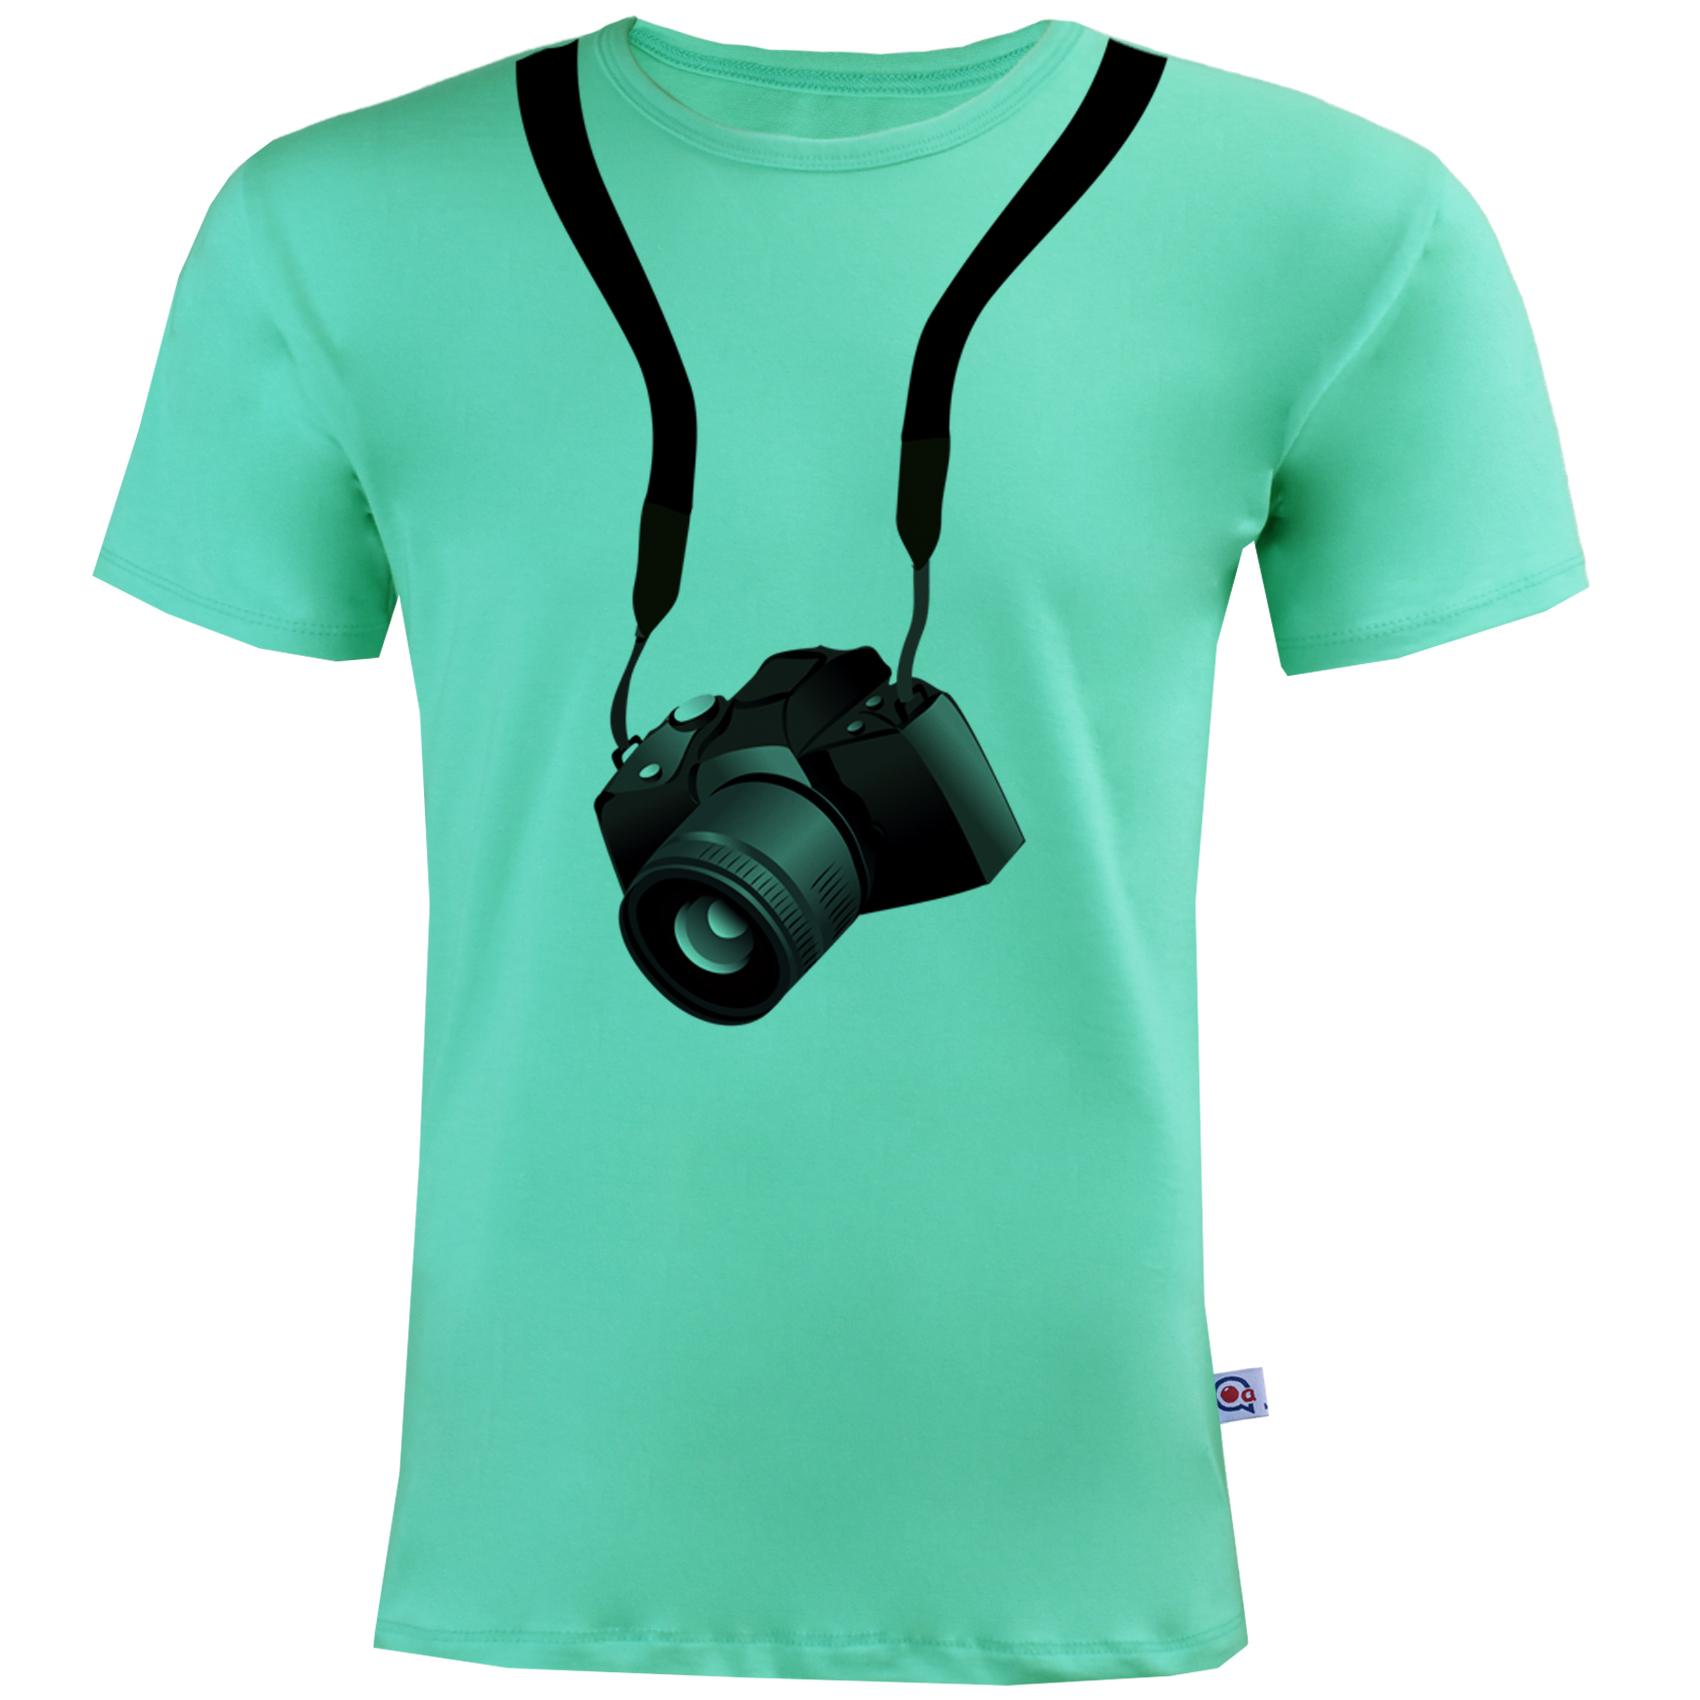 تیشرت مردانه آکو طرح دوربین کد BC12